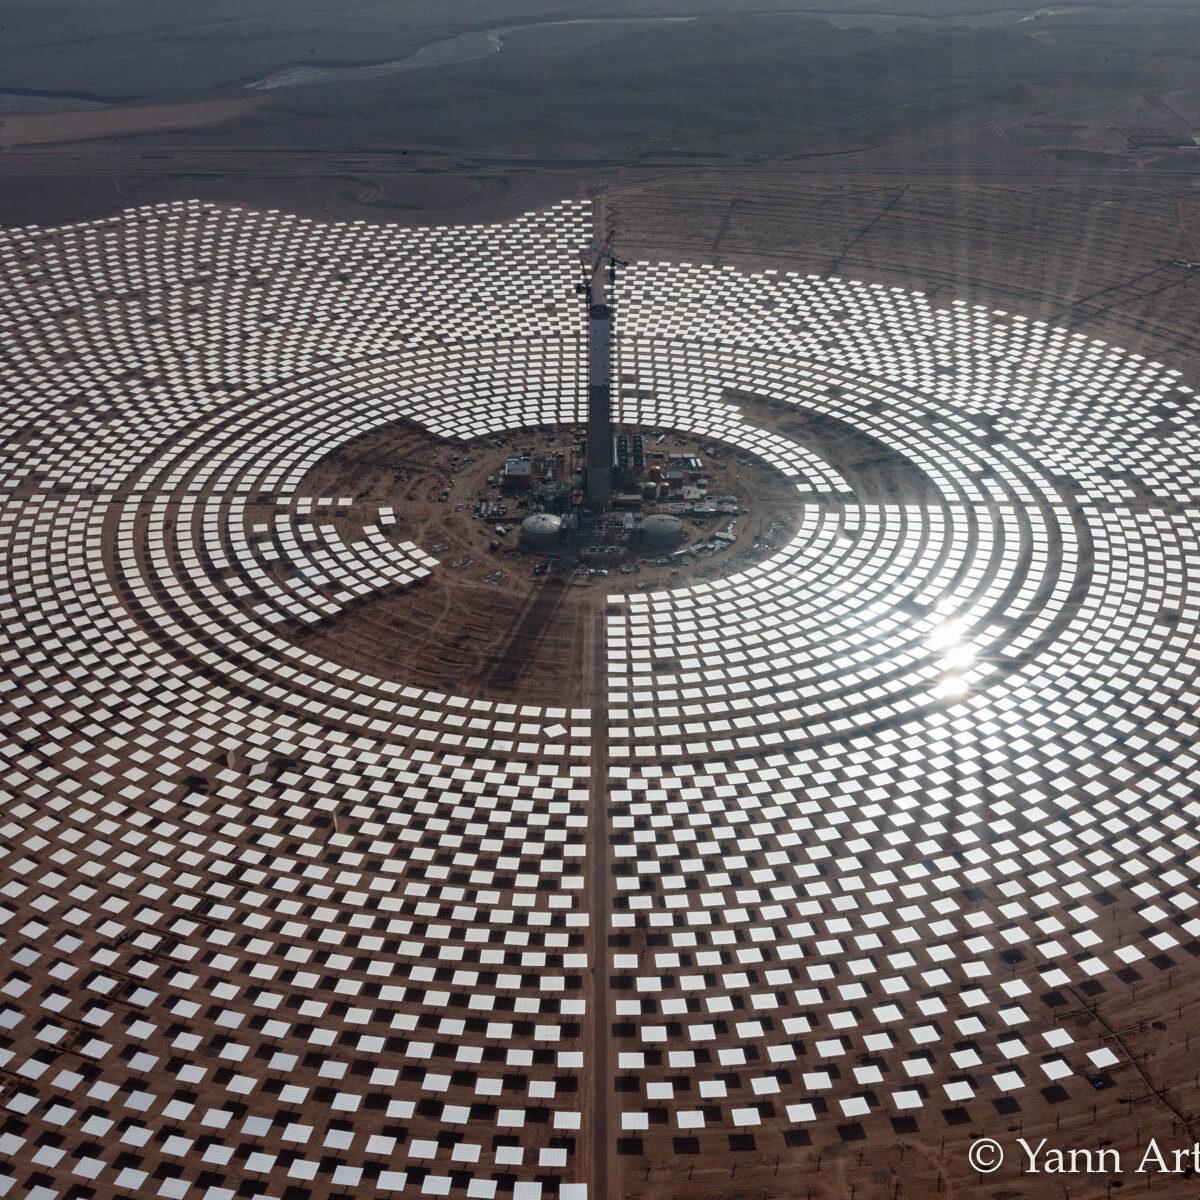 renouvelables couts baisse opportunité changement climatique